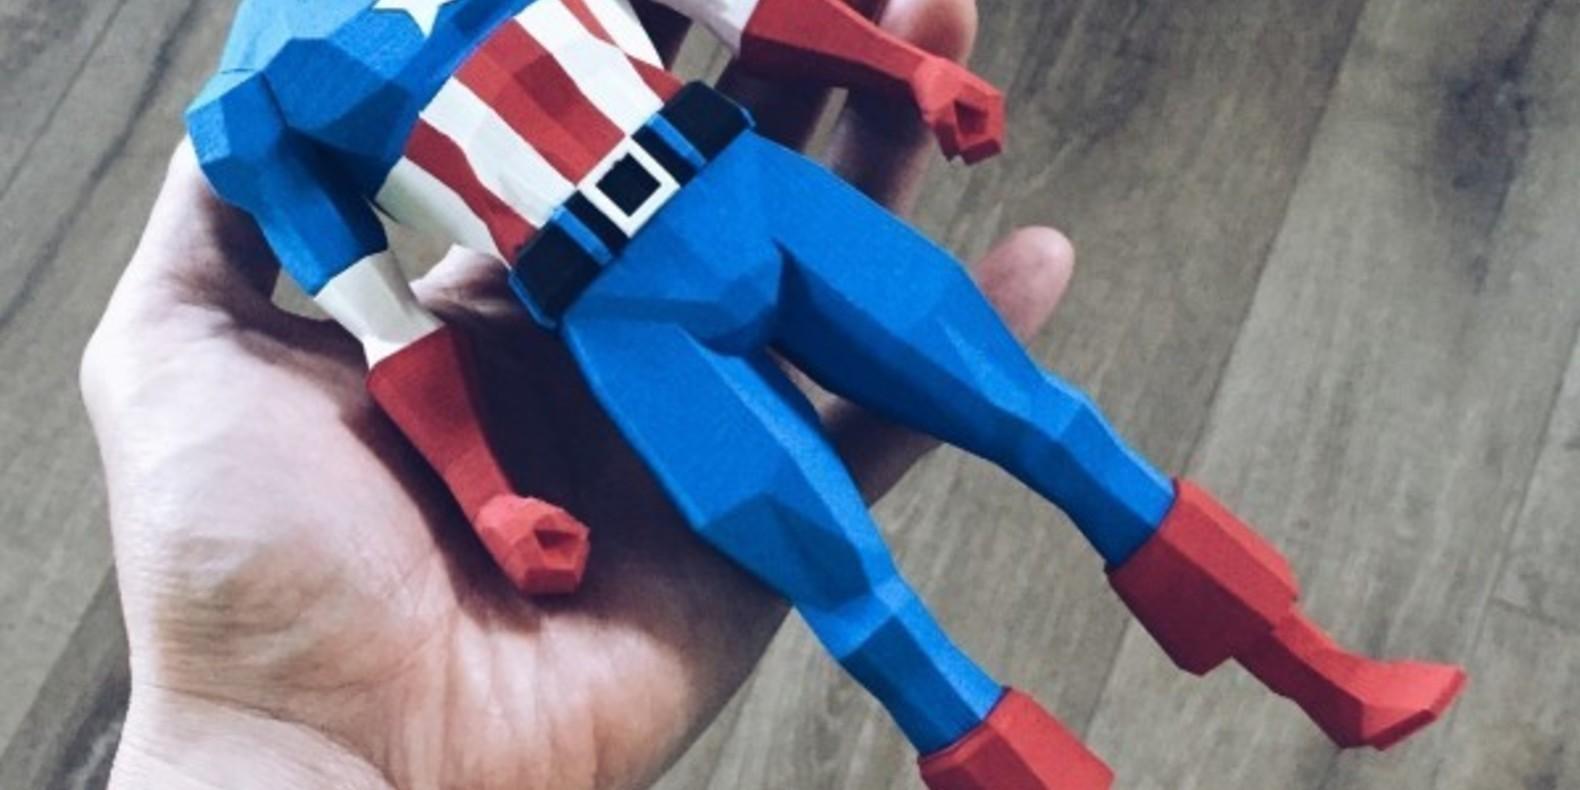 Capitaine america biglildesign wesley millora cults fichier 3D impression 3D Captain America imprimé en 3D